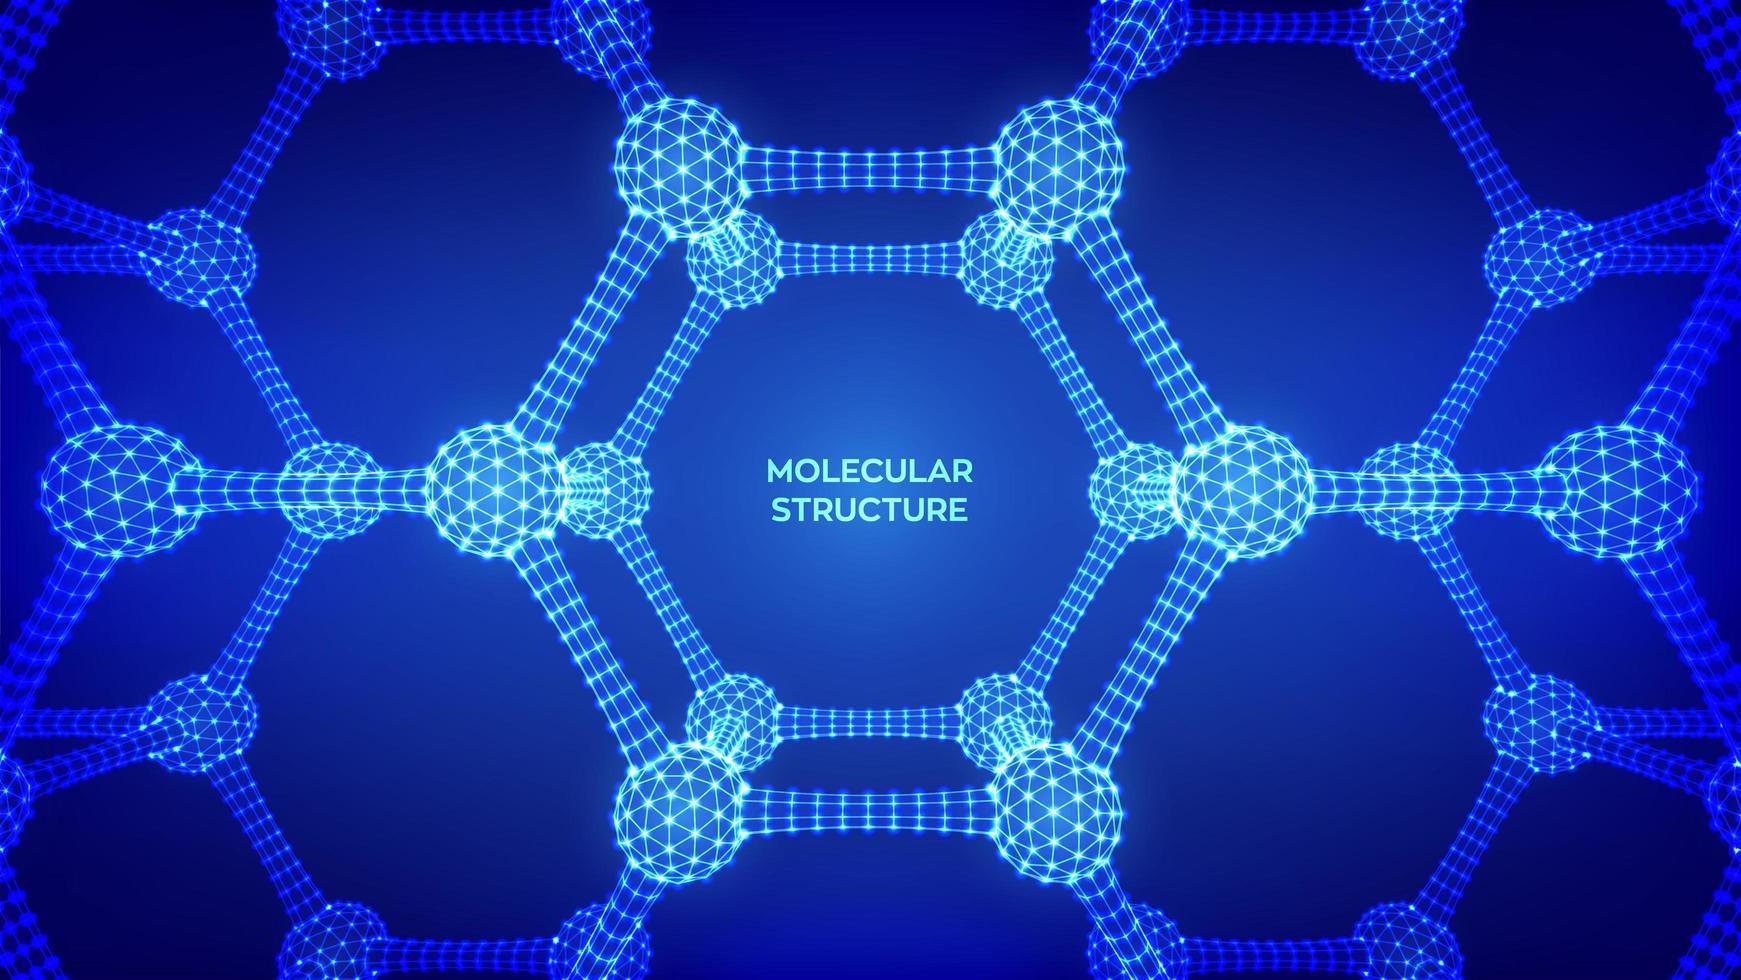 bannière futuriste de structure moléculaire vecteur